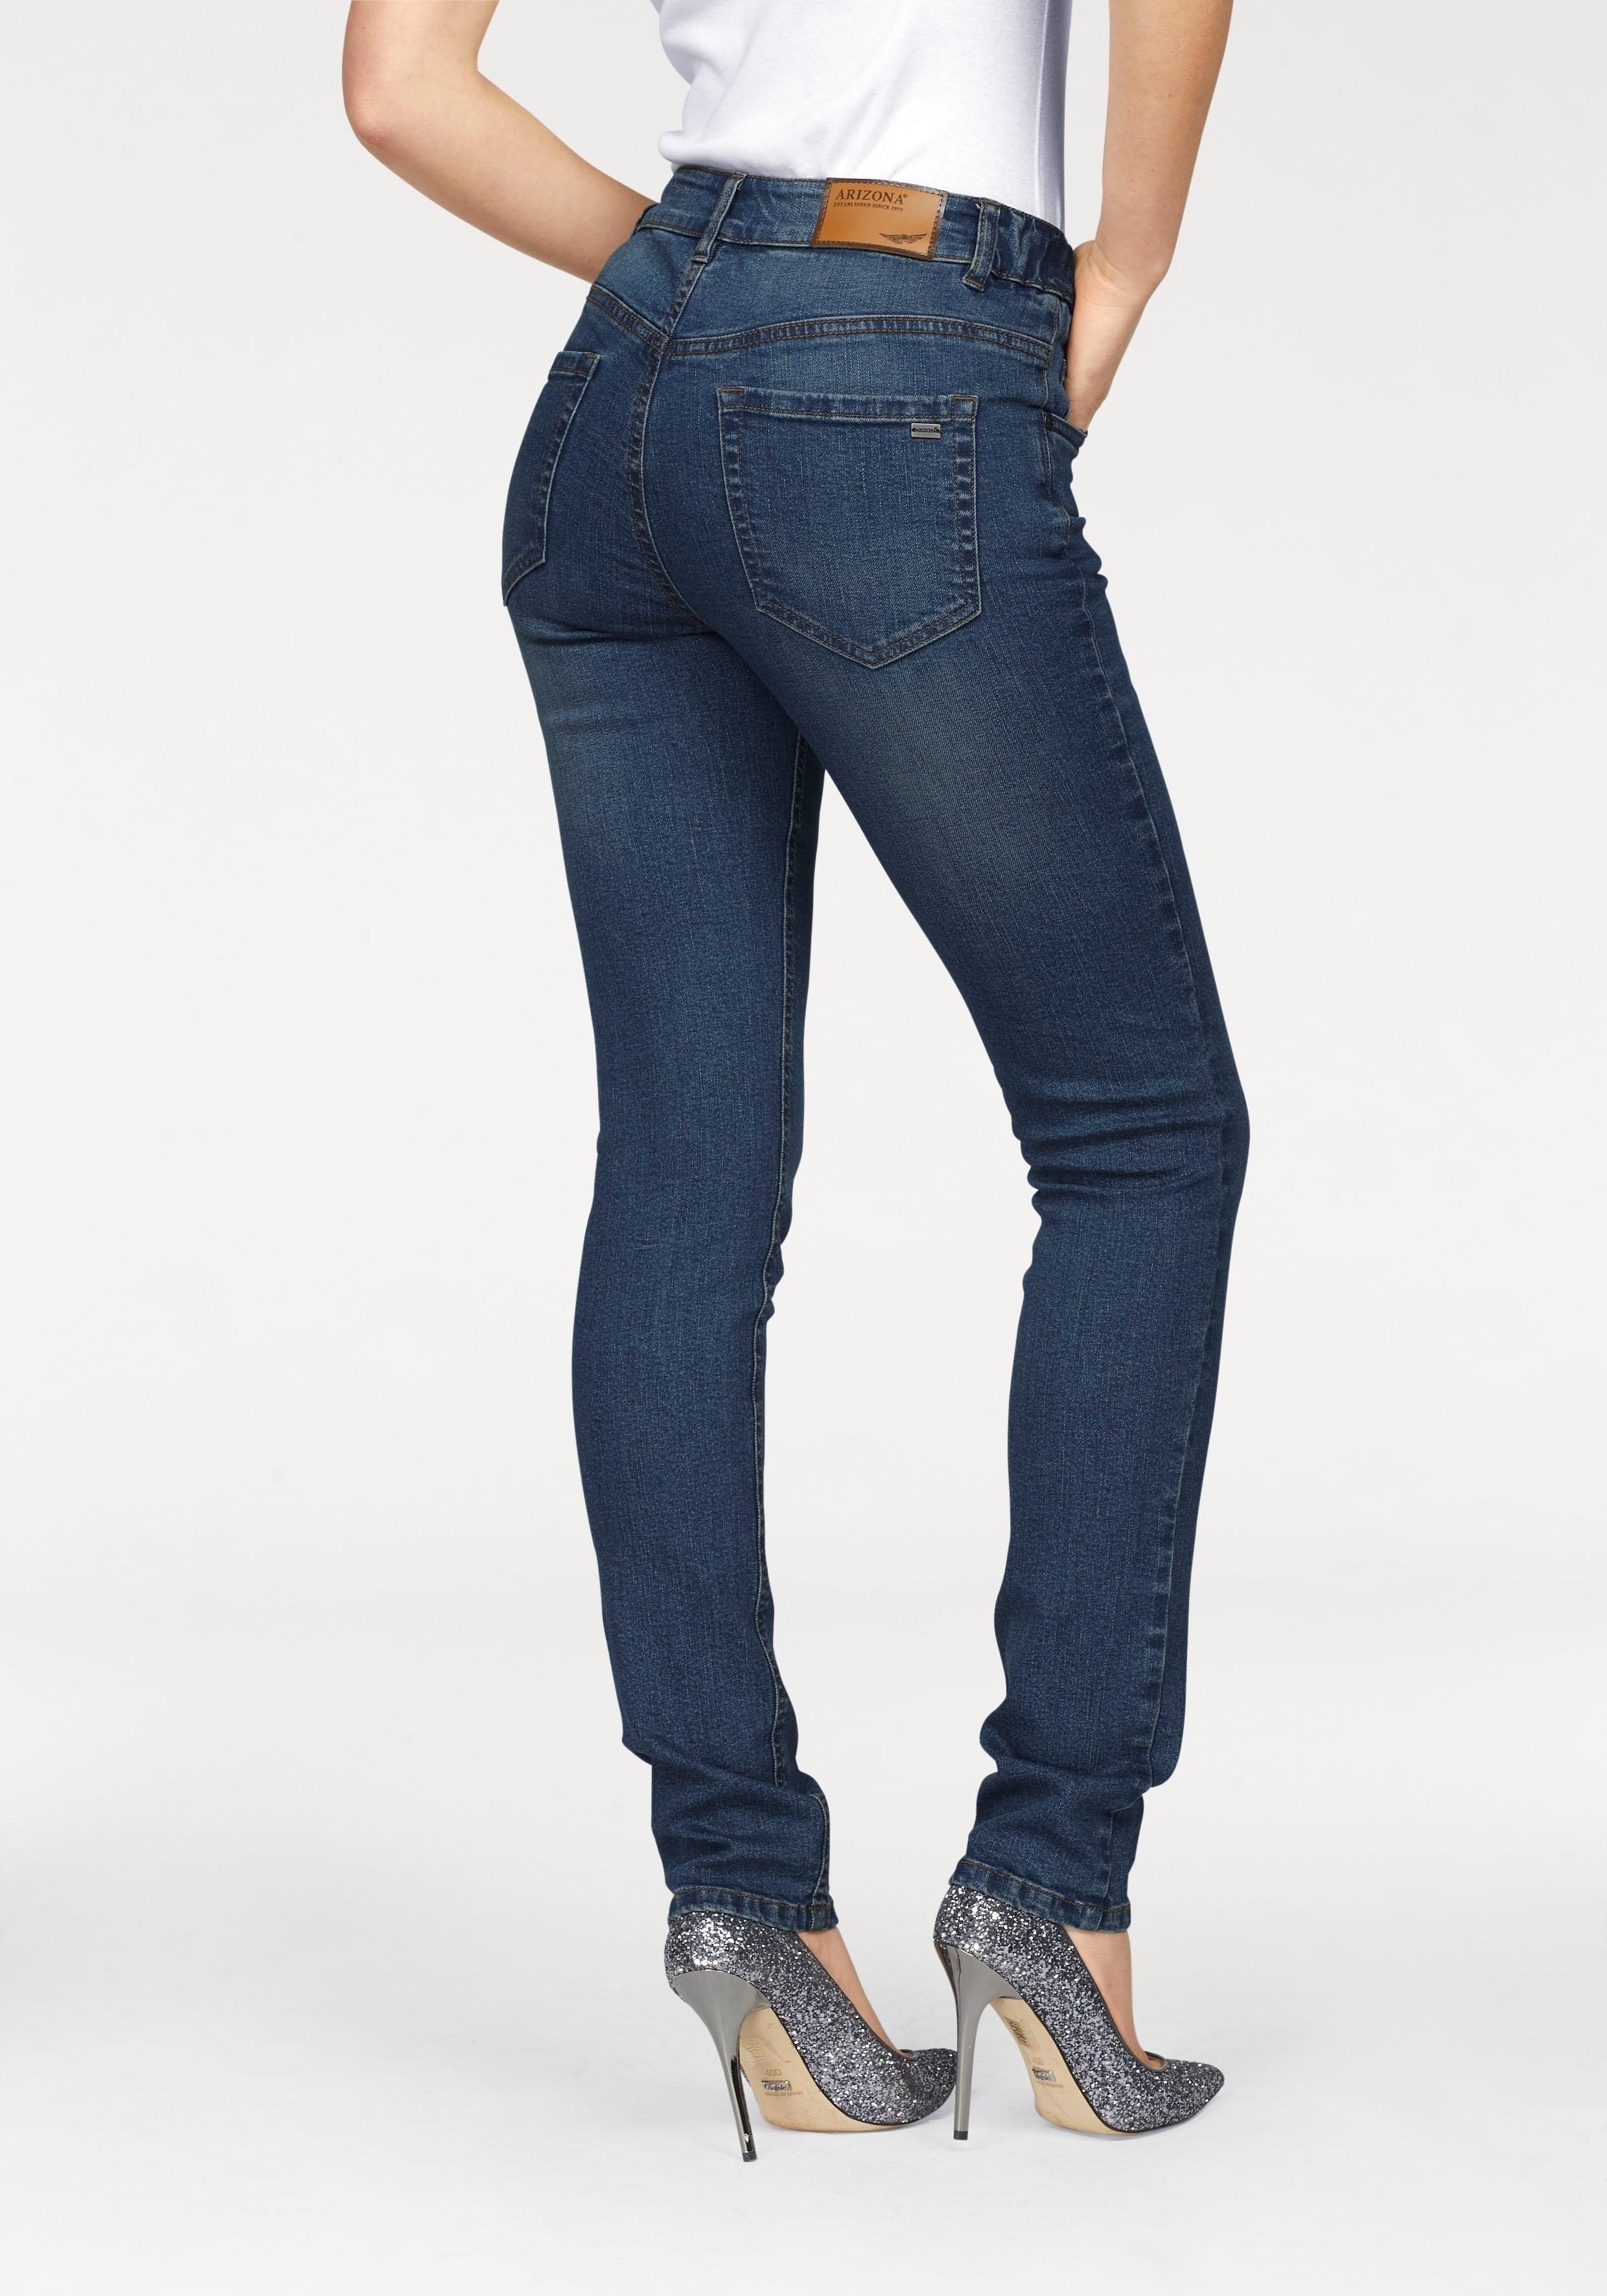 ARIZONA slim fit jeans »Svenja - band met elastiek-inzet opzij« - verschillende betaalmethodes